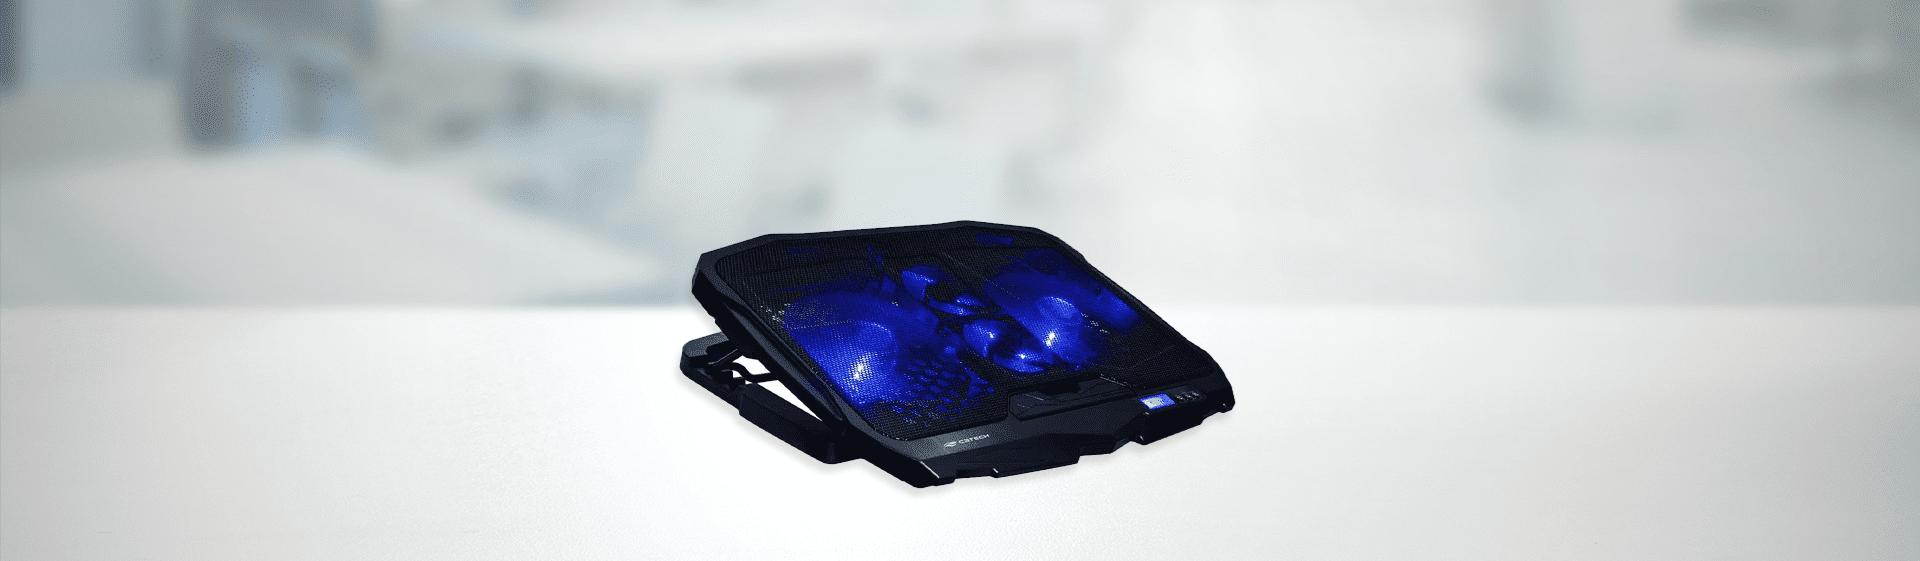 Melhor cooler para notebook em 2021: confira 7 modelos